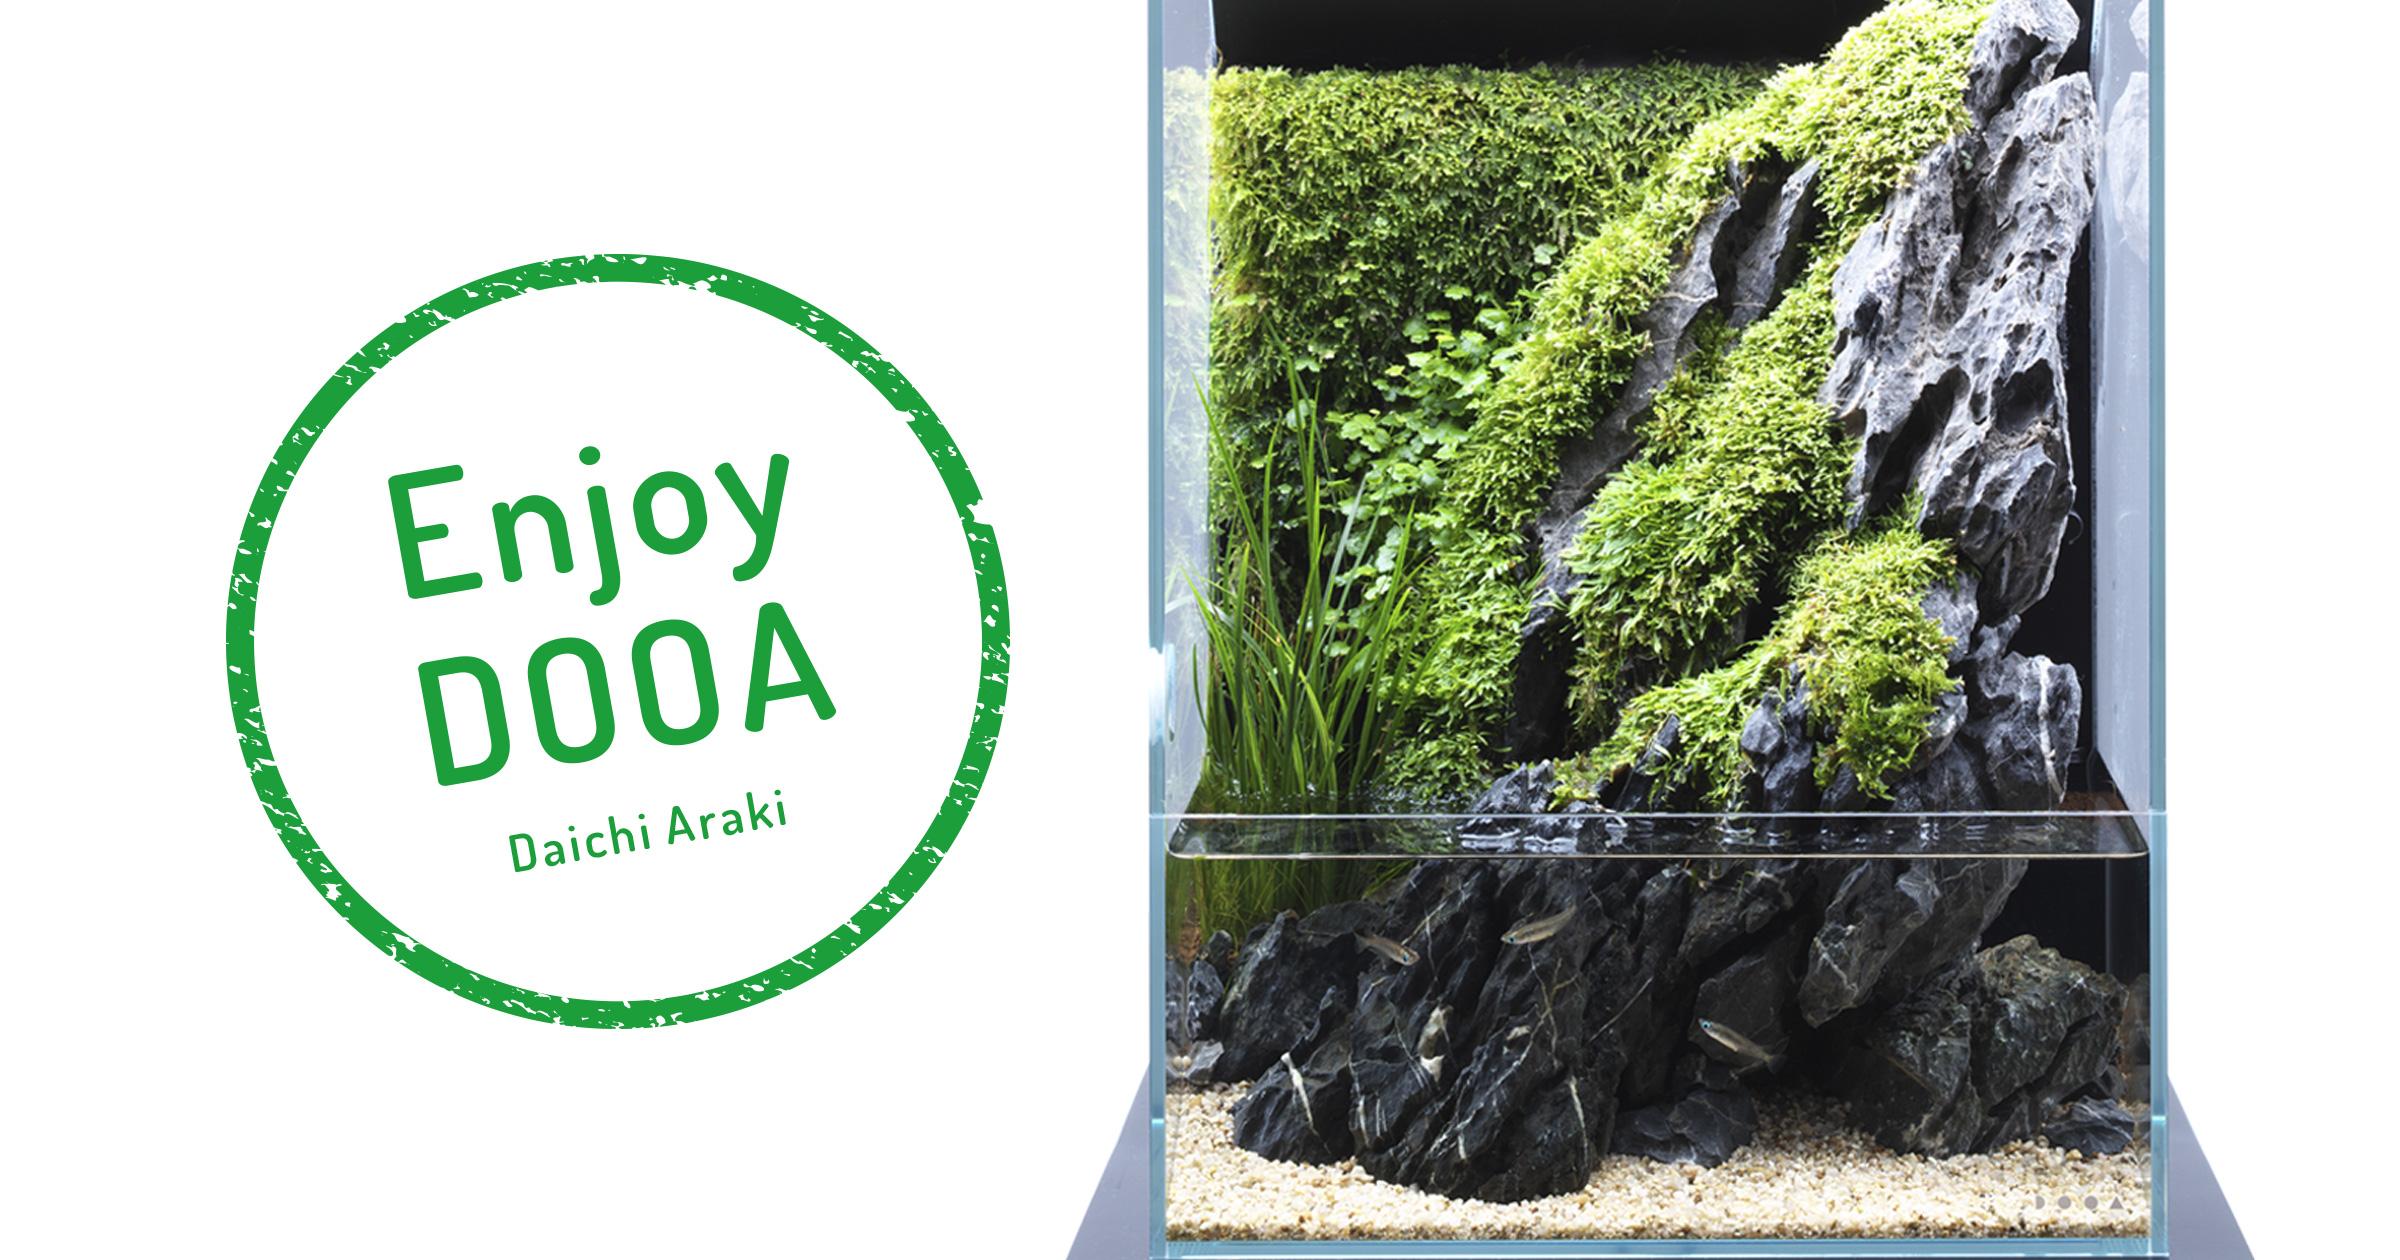 Enjoy DOOA 「緑と石の組み合わせに 涼を感じる アクアテラリウム」